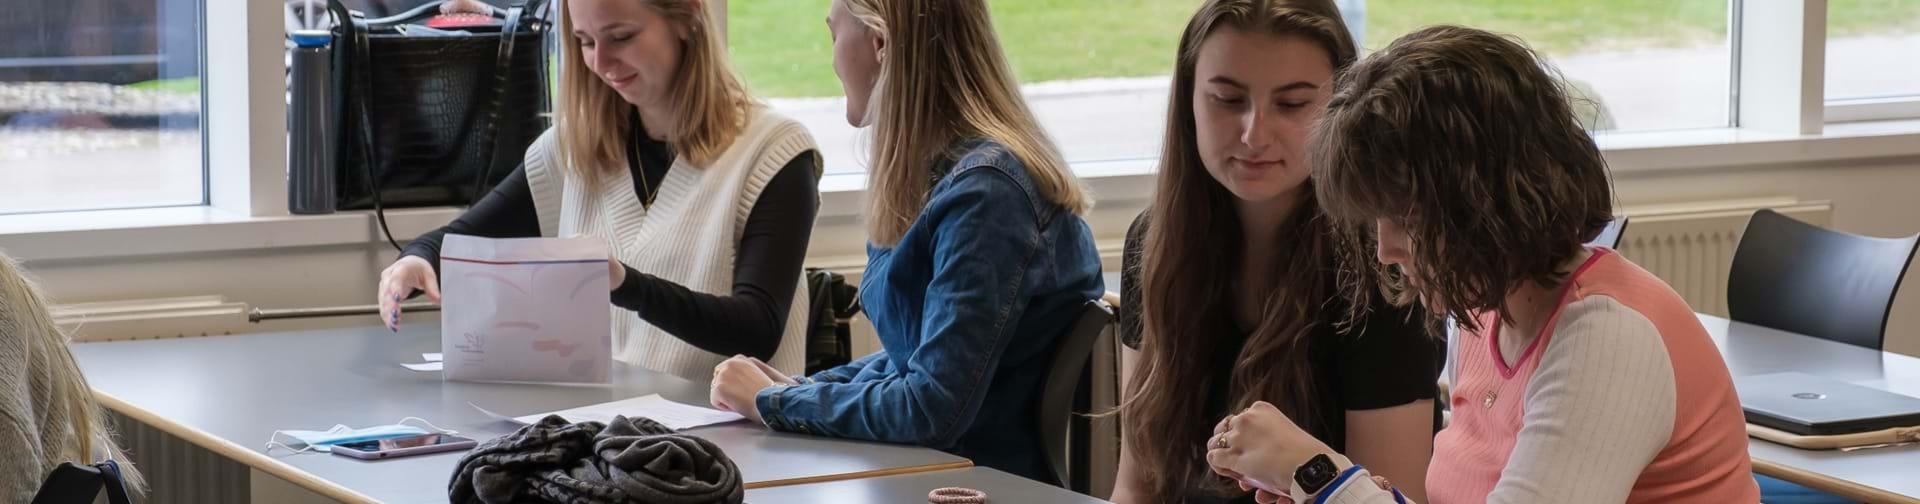 Elever som samarbejder